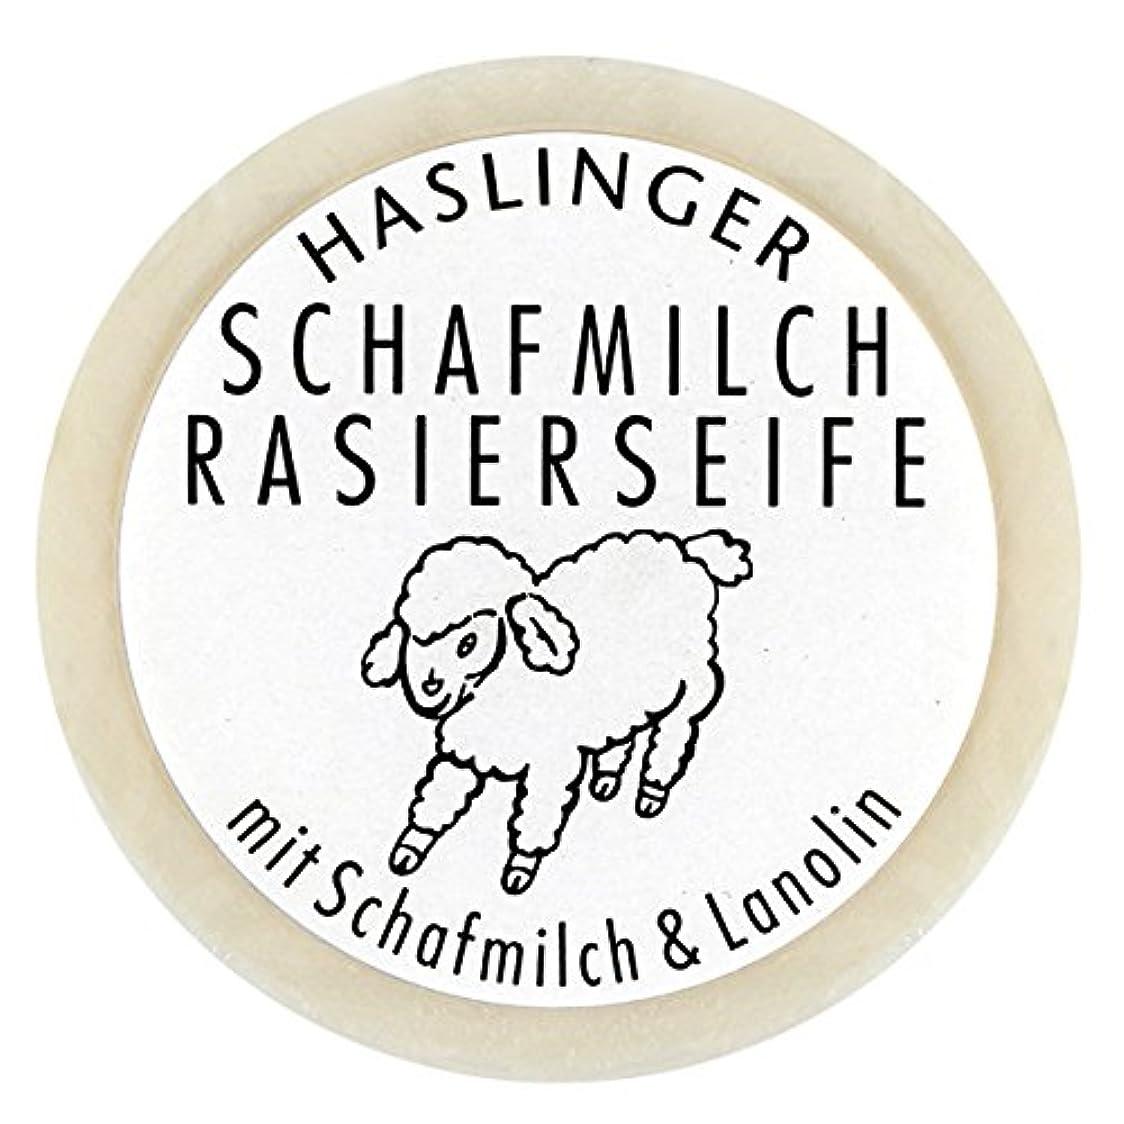 グリル会社リーンSchafmilch Rasierseife (Ewe`s Milk Shave Soap) 60g soap bar by Haslinger by Haslinger